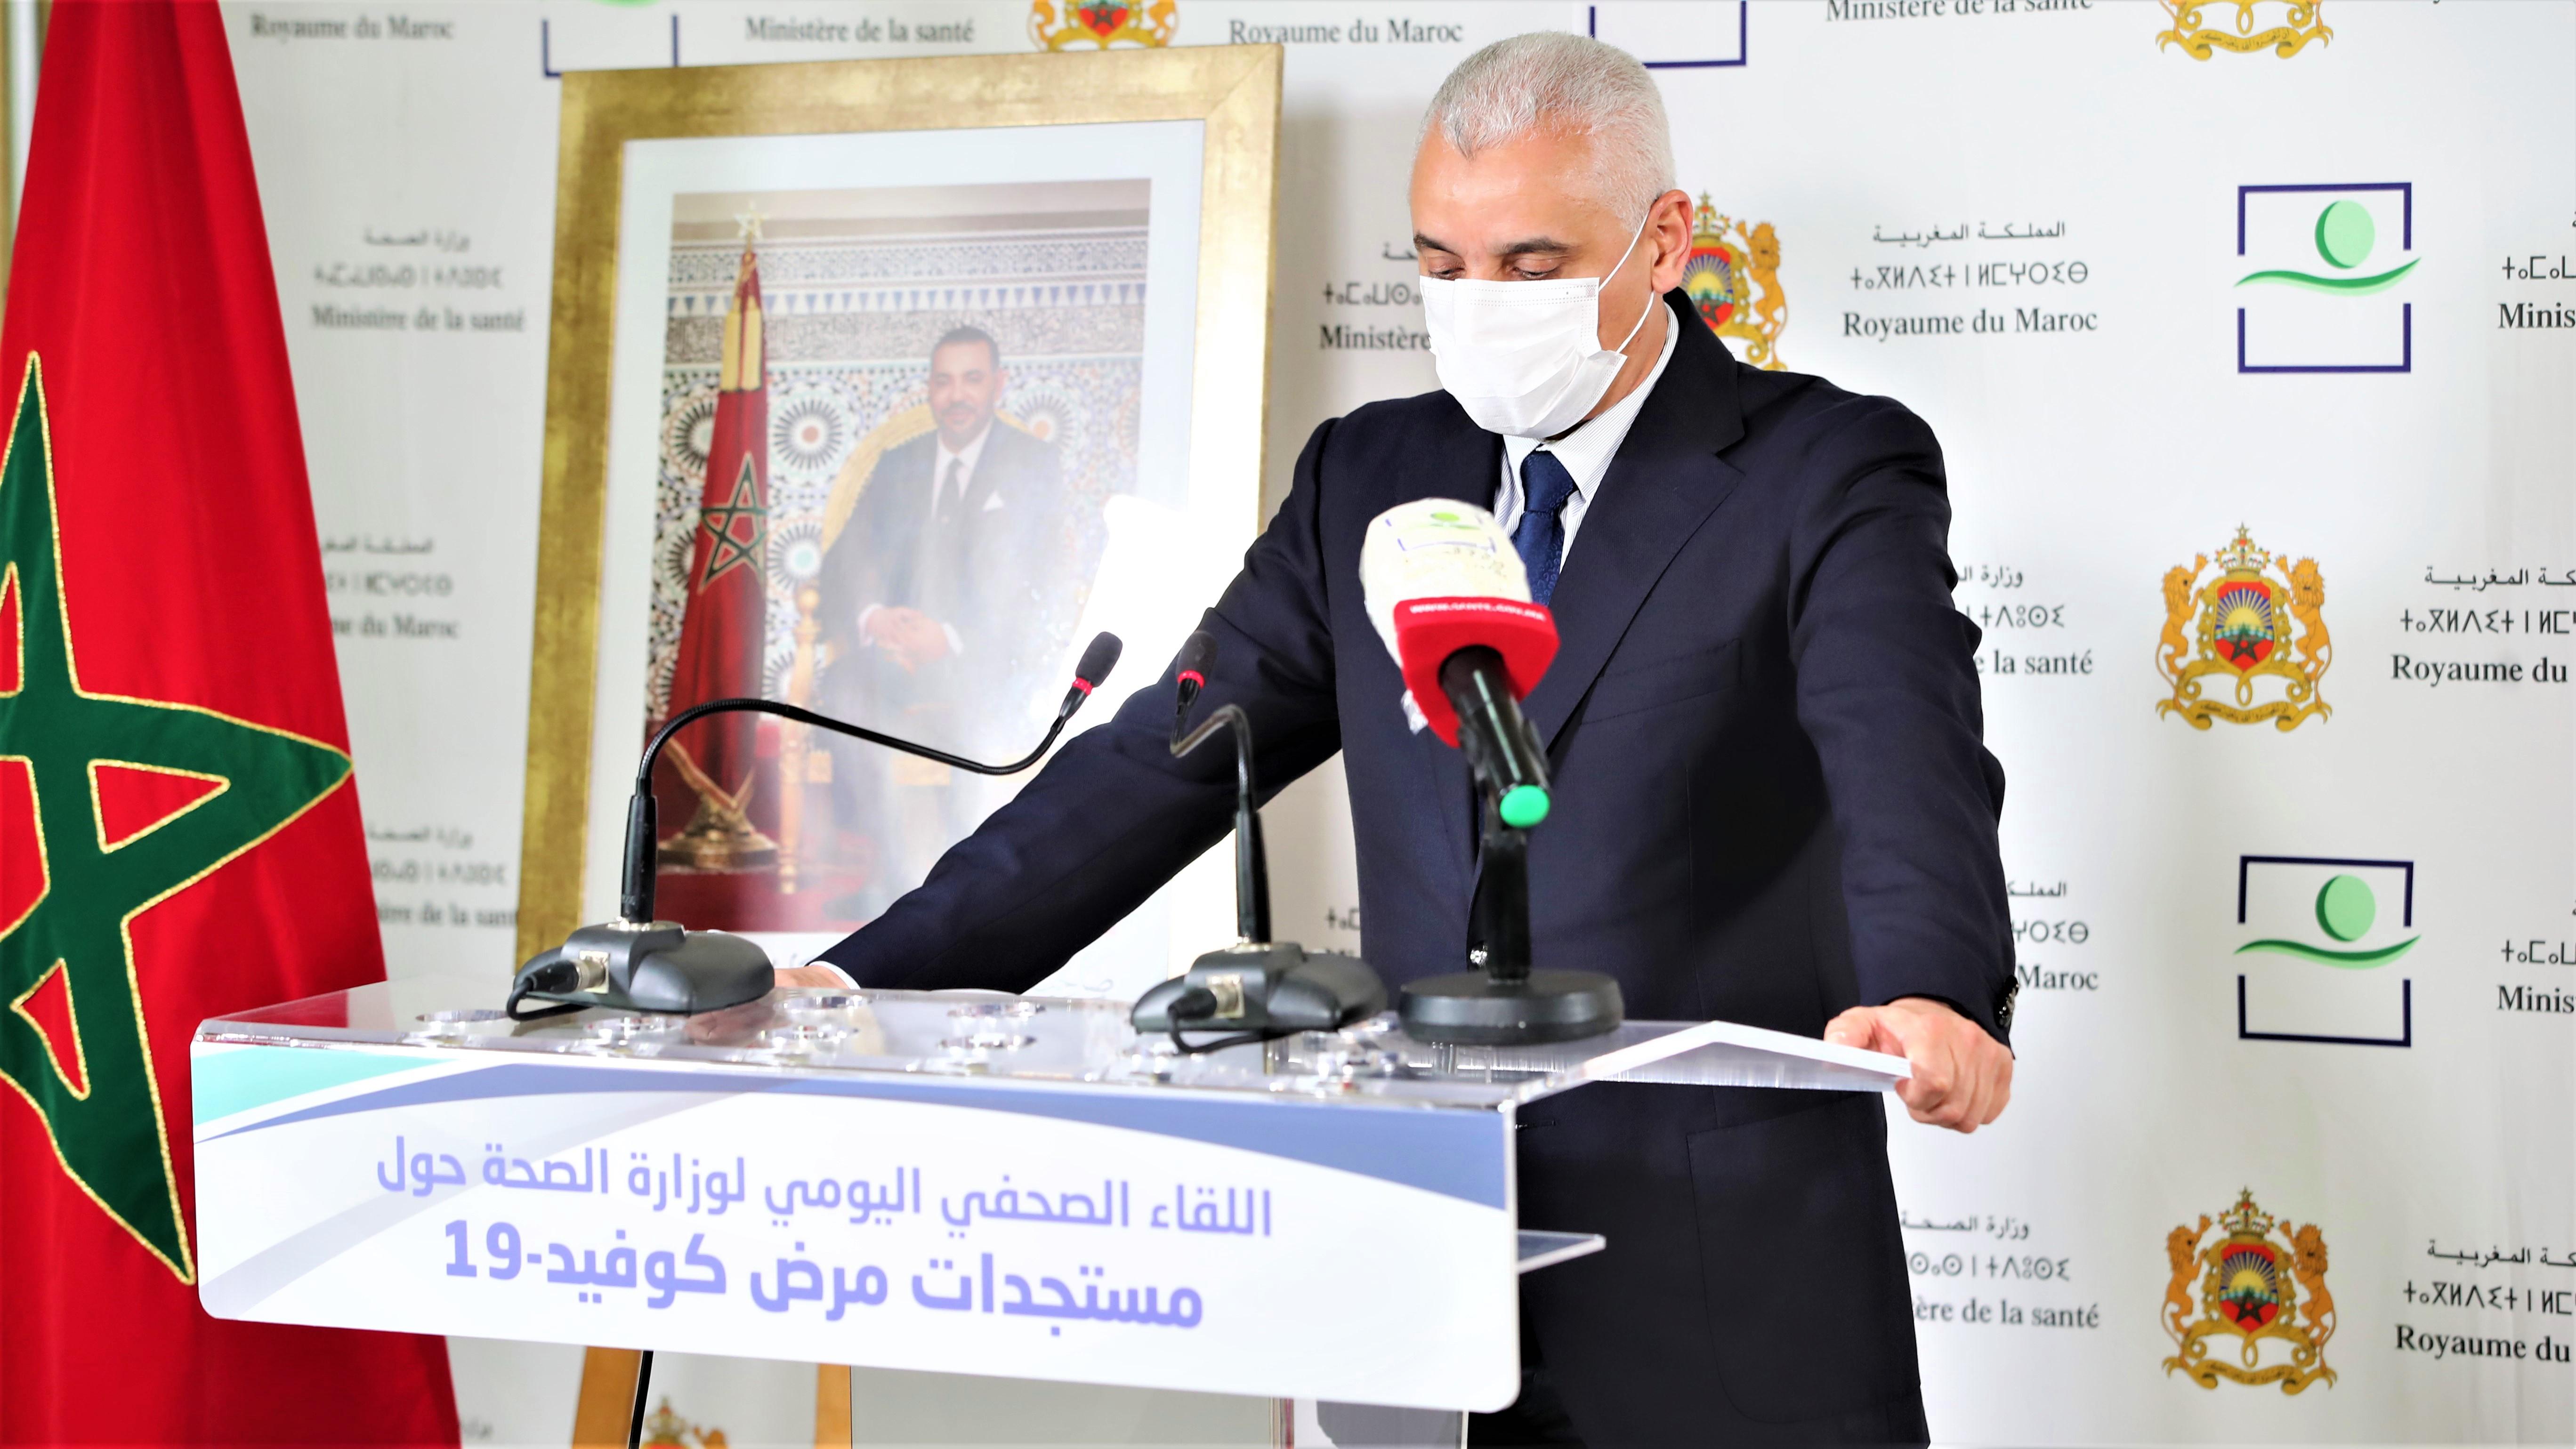 Situation épidémiologique : Le ministère de la Santé programme une déclaration hebdomadaire détaillée